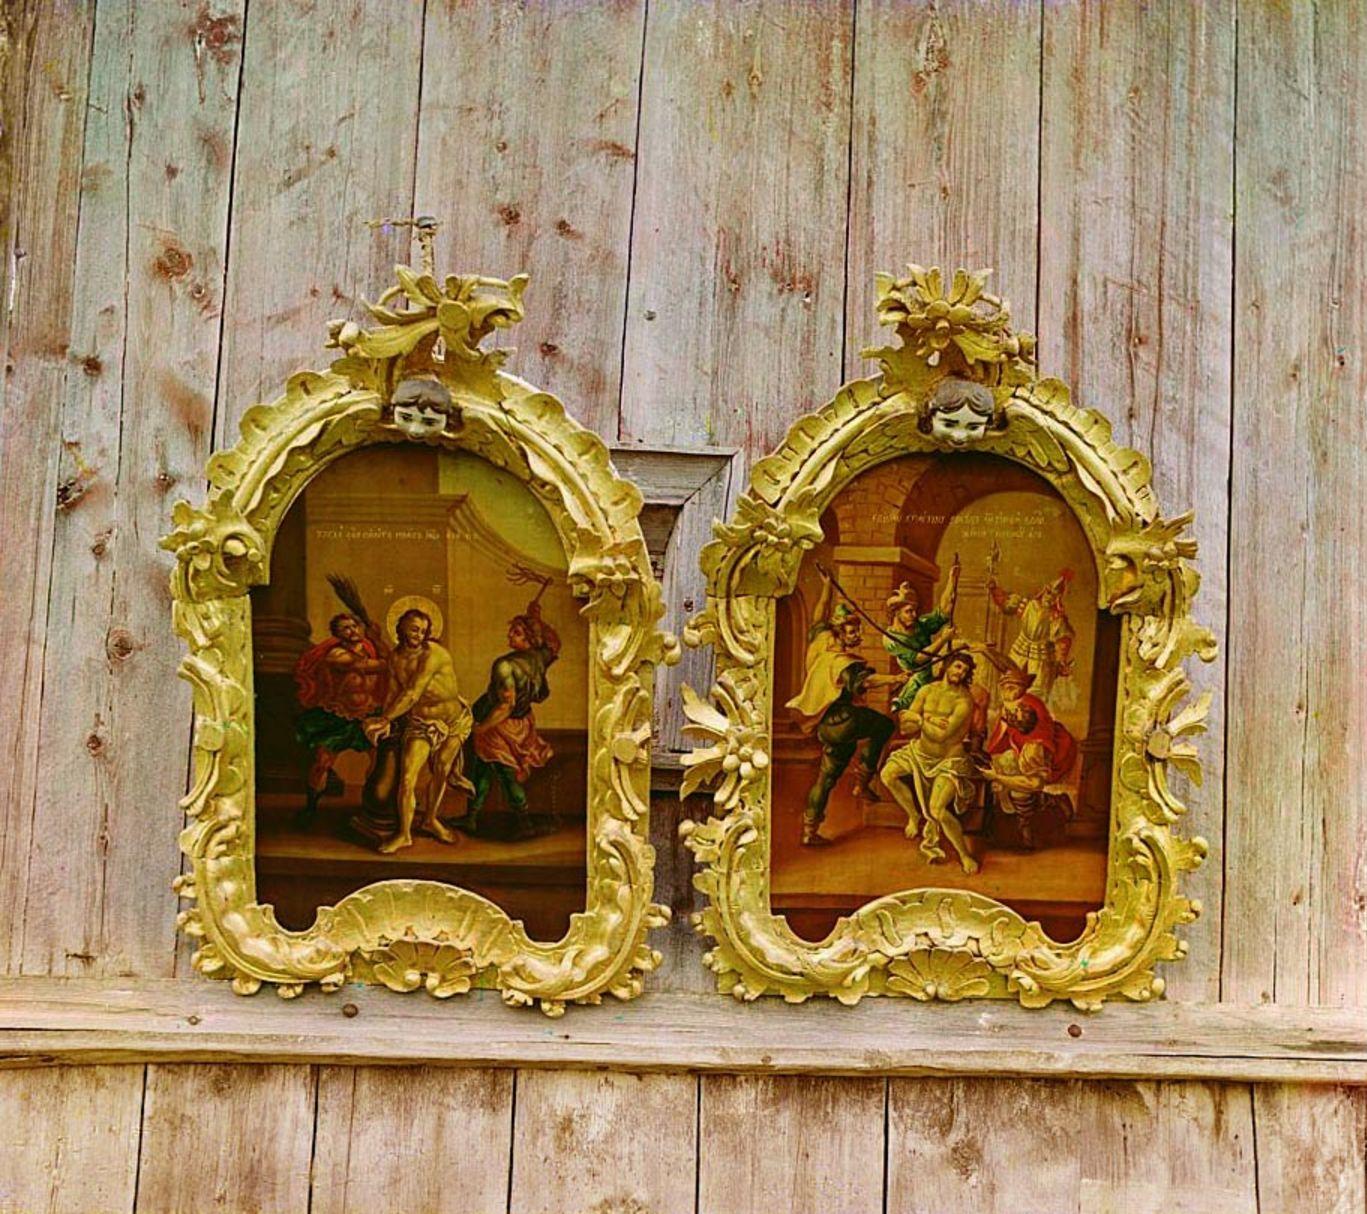 Белозерск. Две иконы в церкви Ильи Пророка